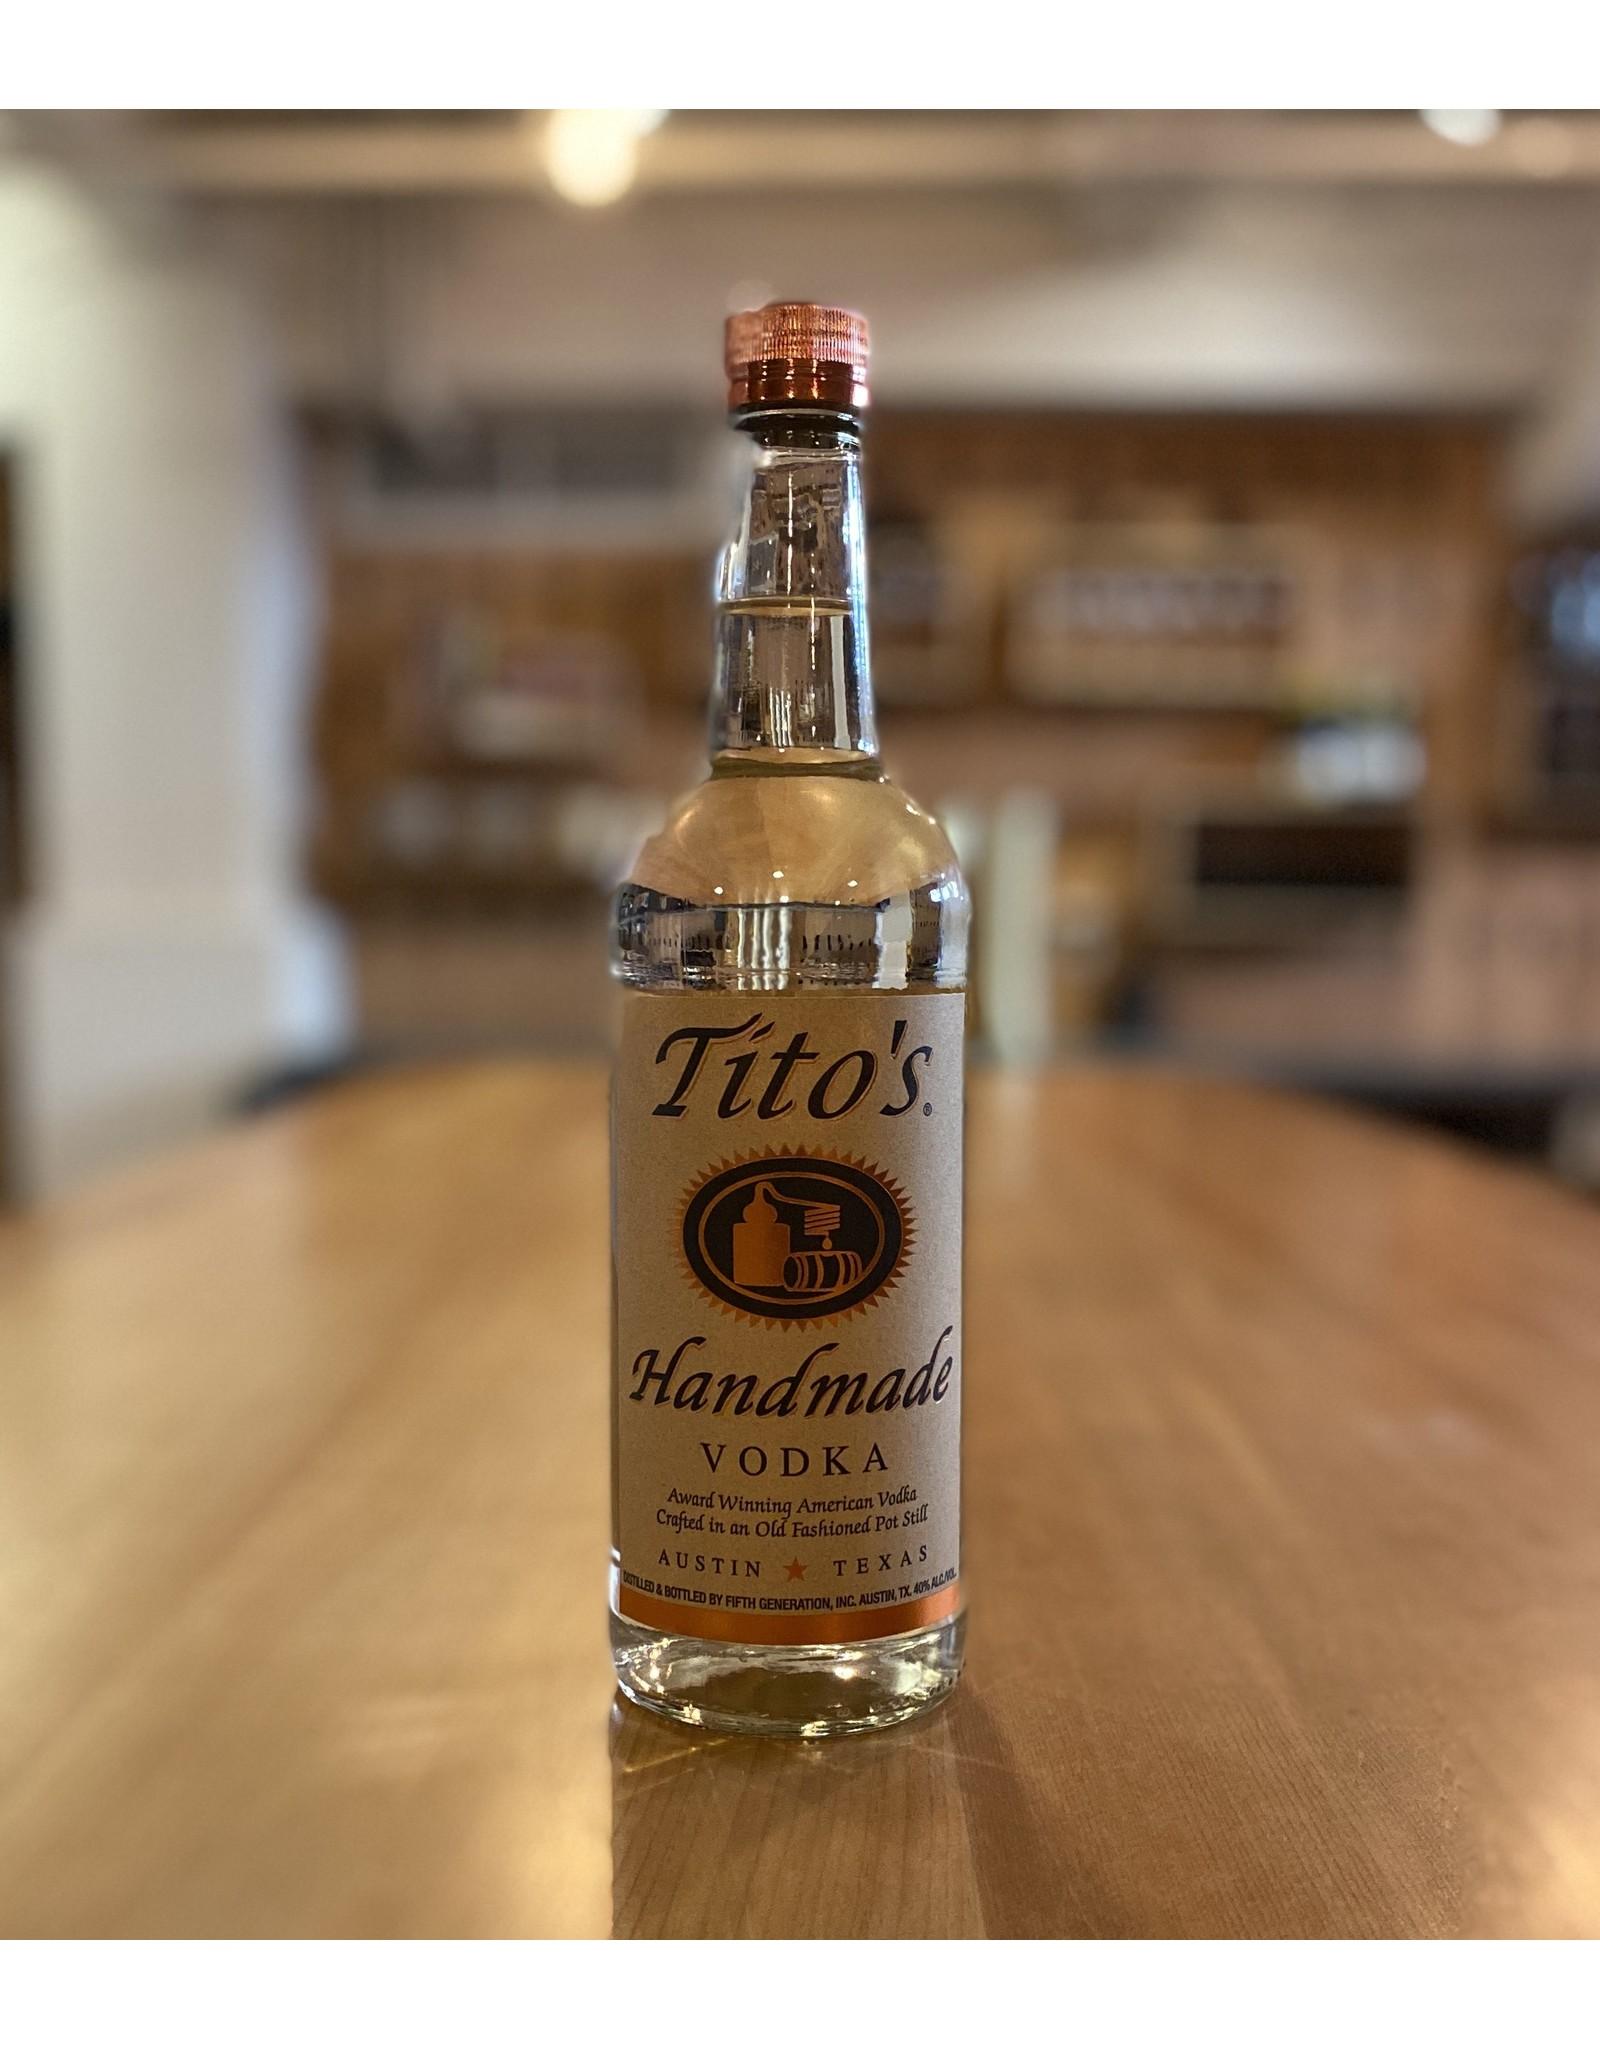 Vodka Tito's Vodka 750ml - Austin, Texas